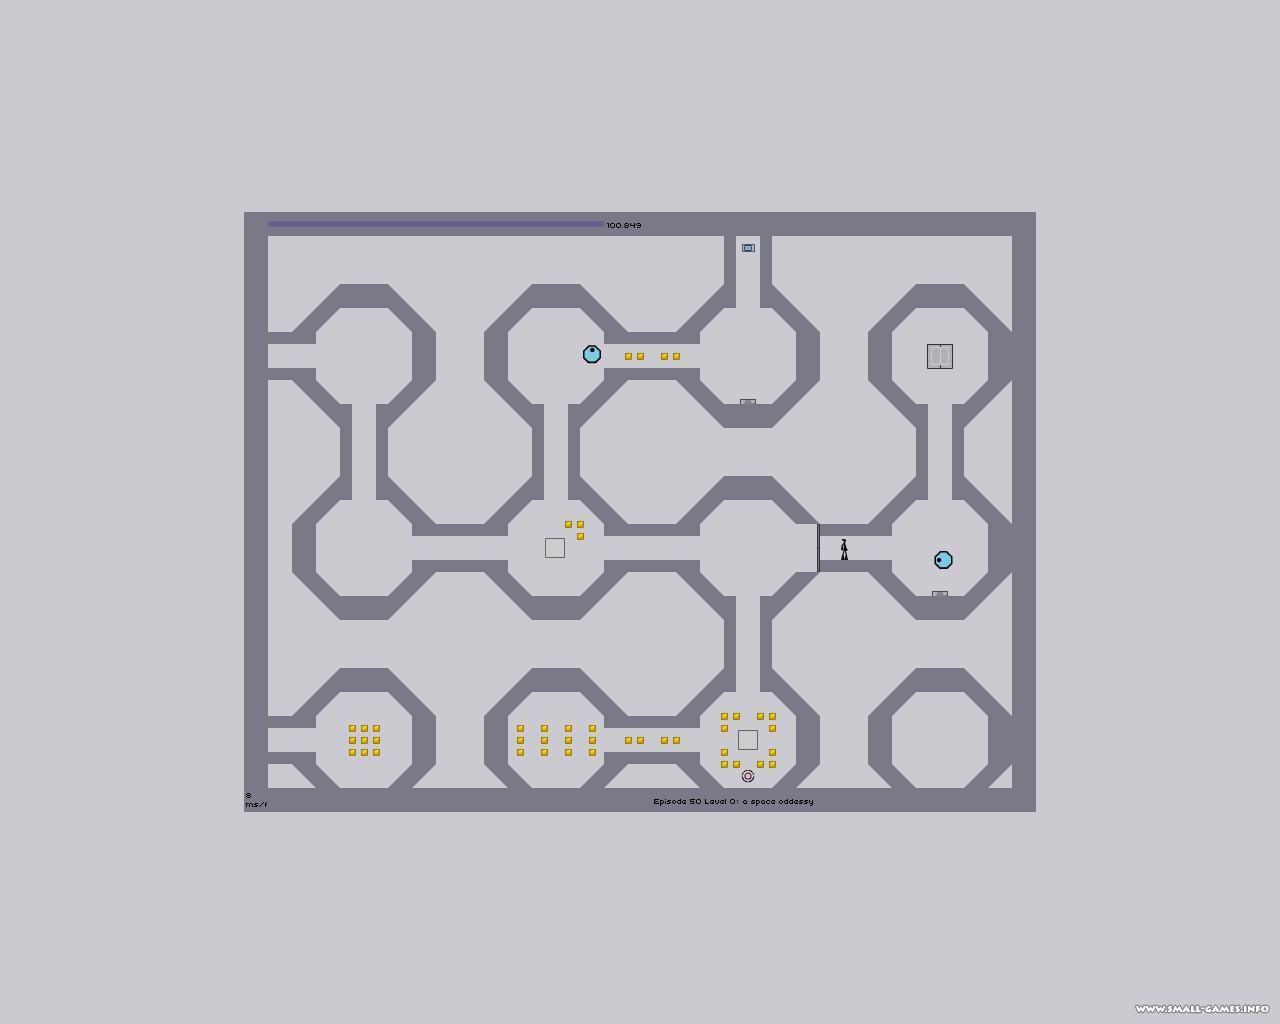 игра счастливые колеса 1 полная версия